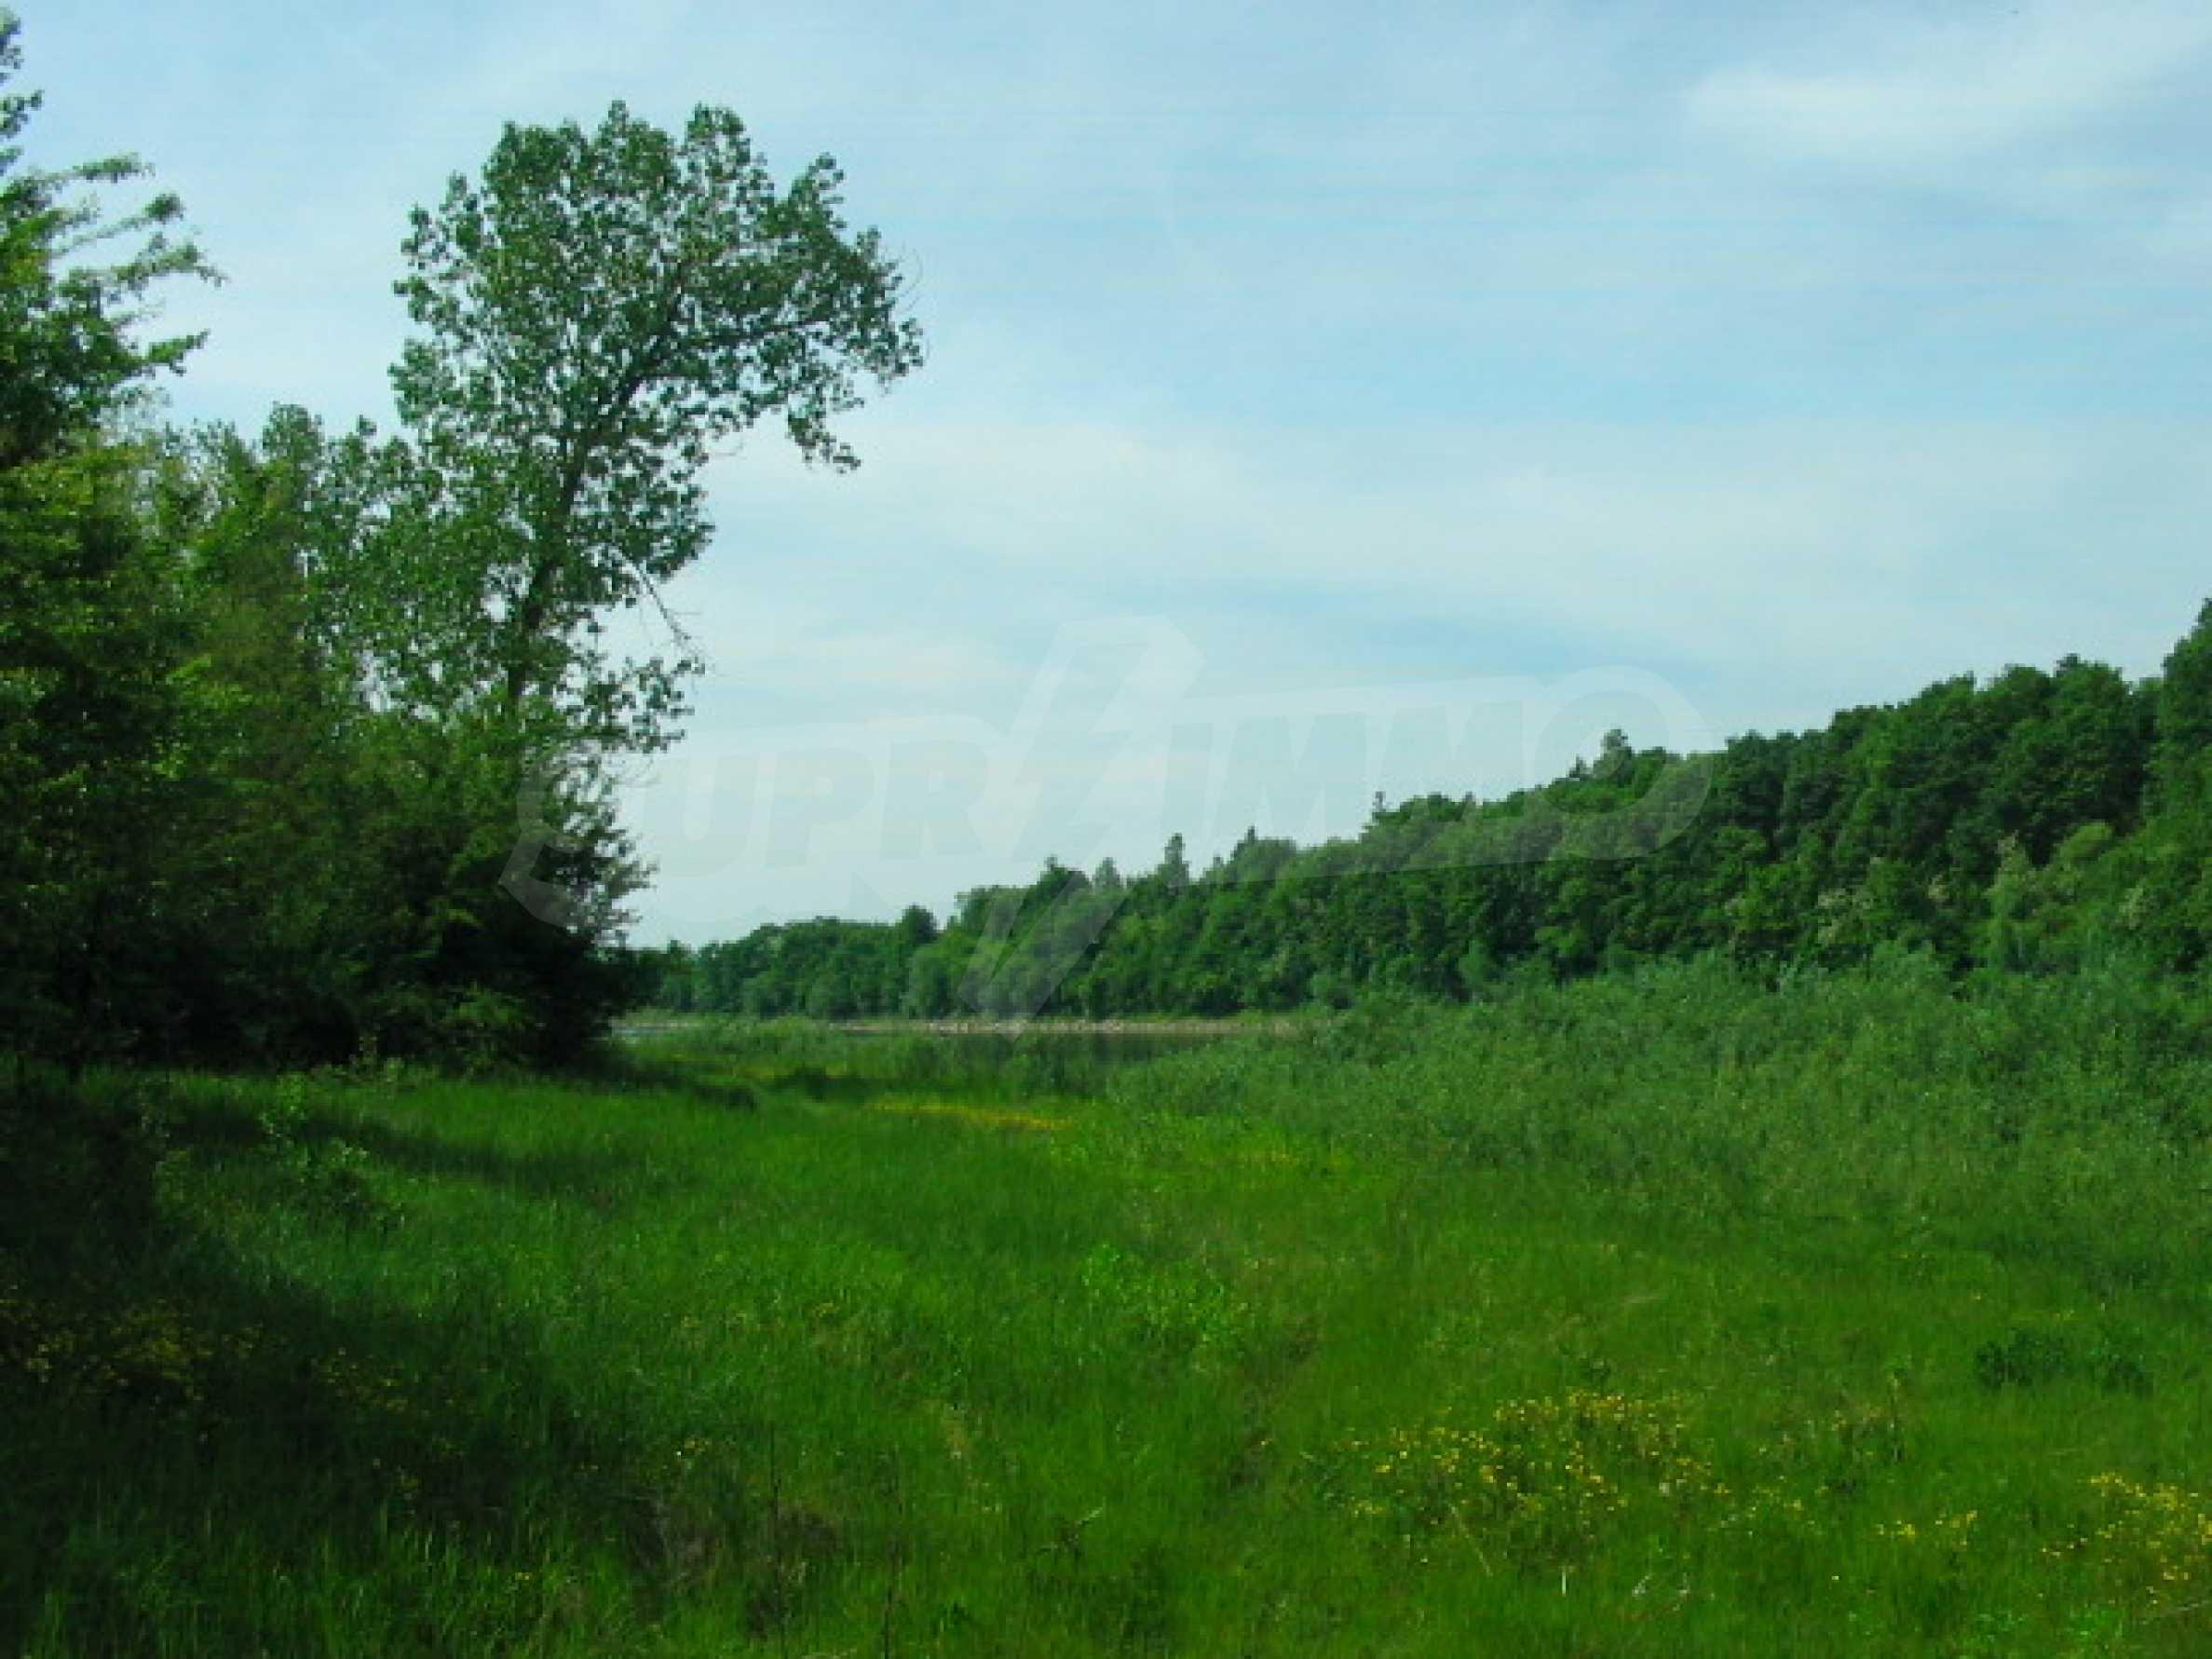 Damm mit angrenzendem Land 7 km von Veliko Tarnovo entfernt 10